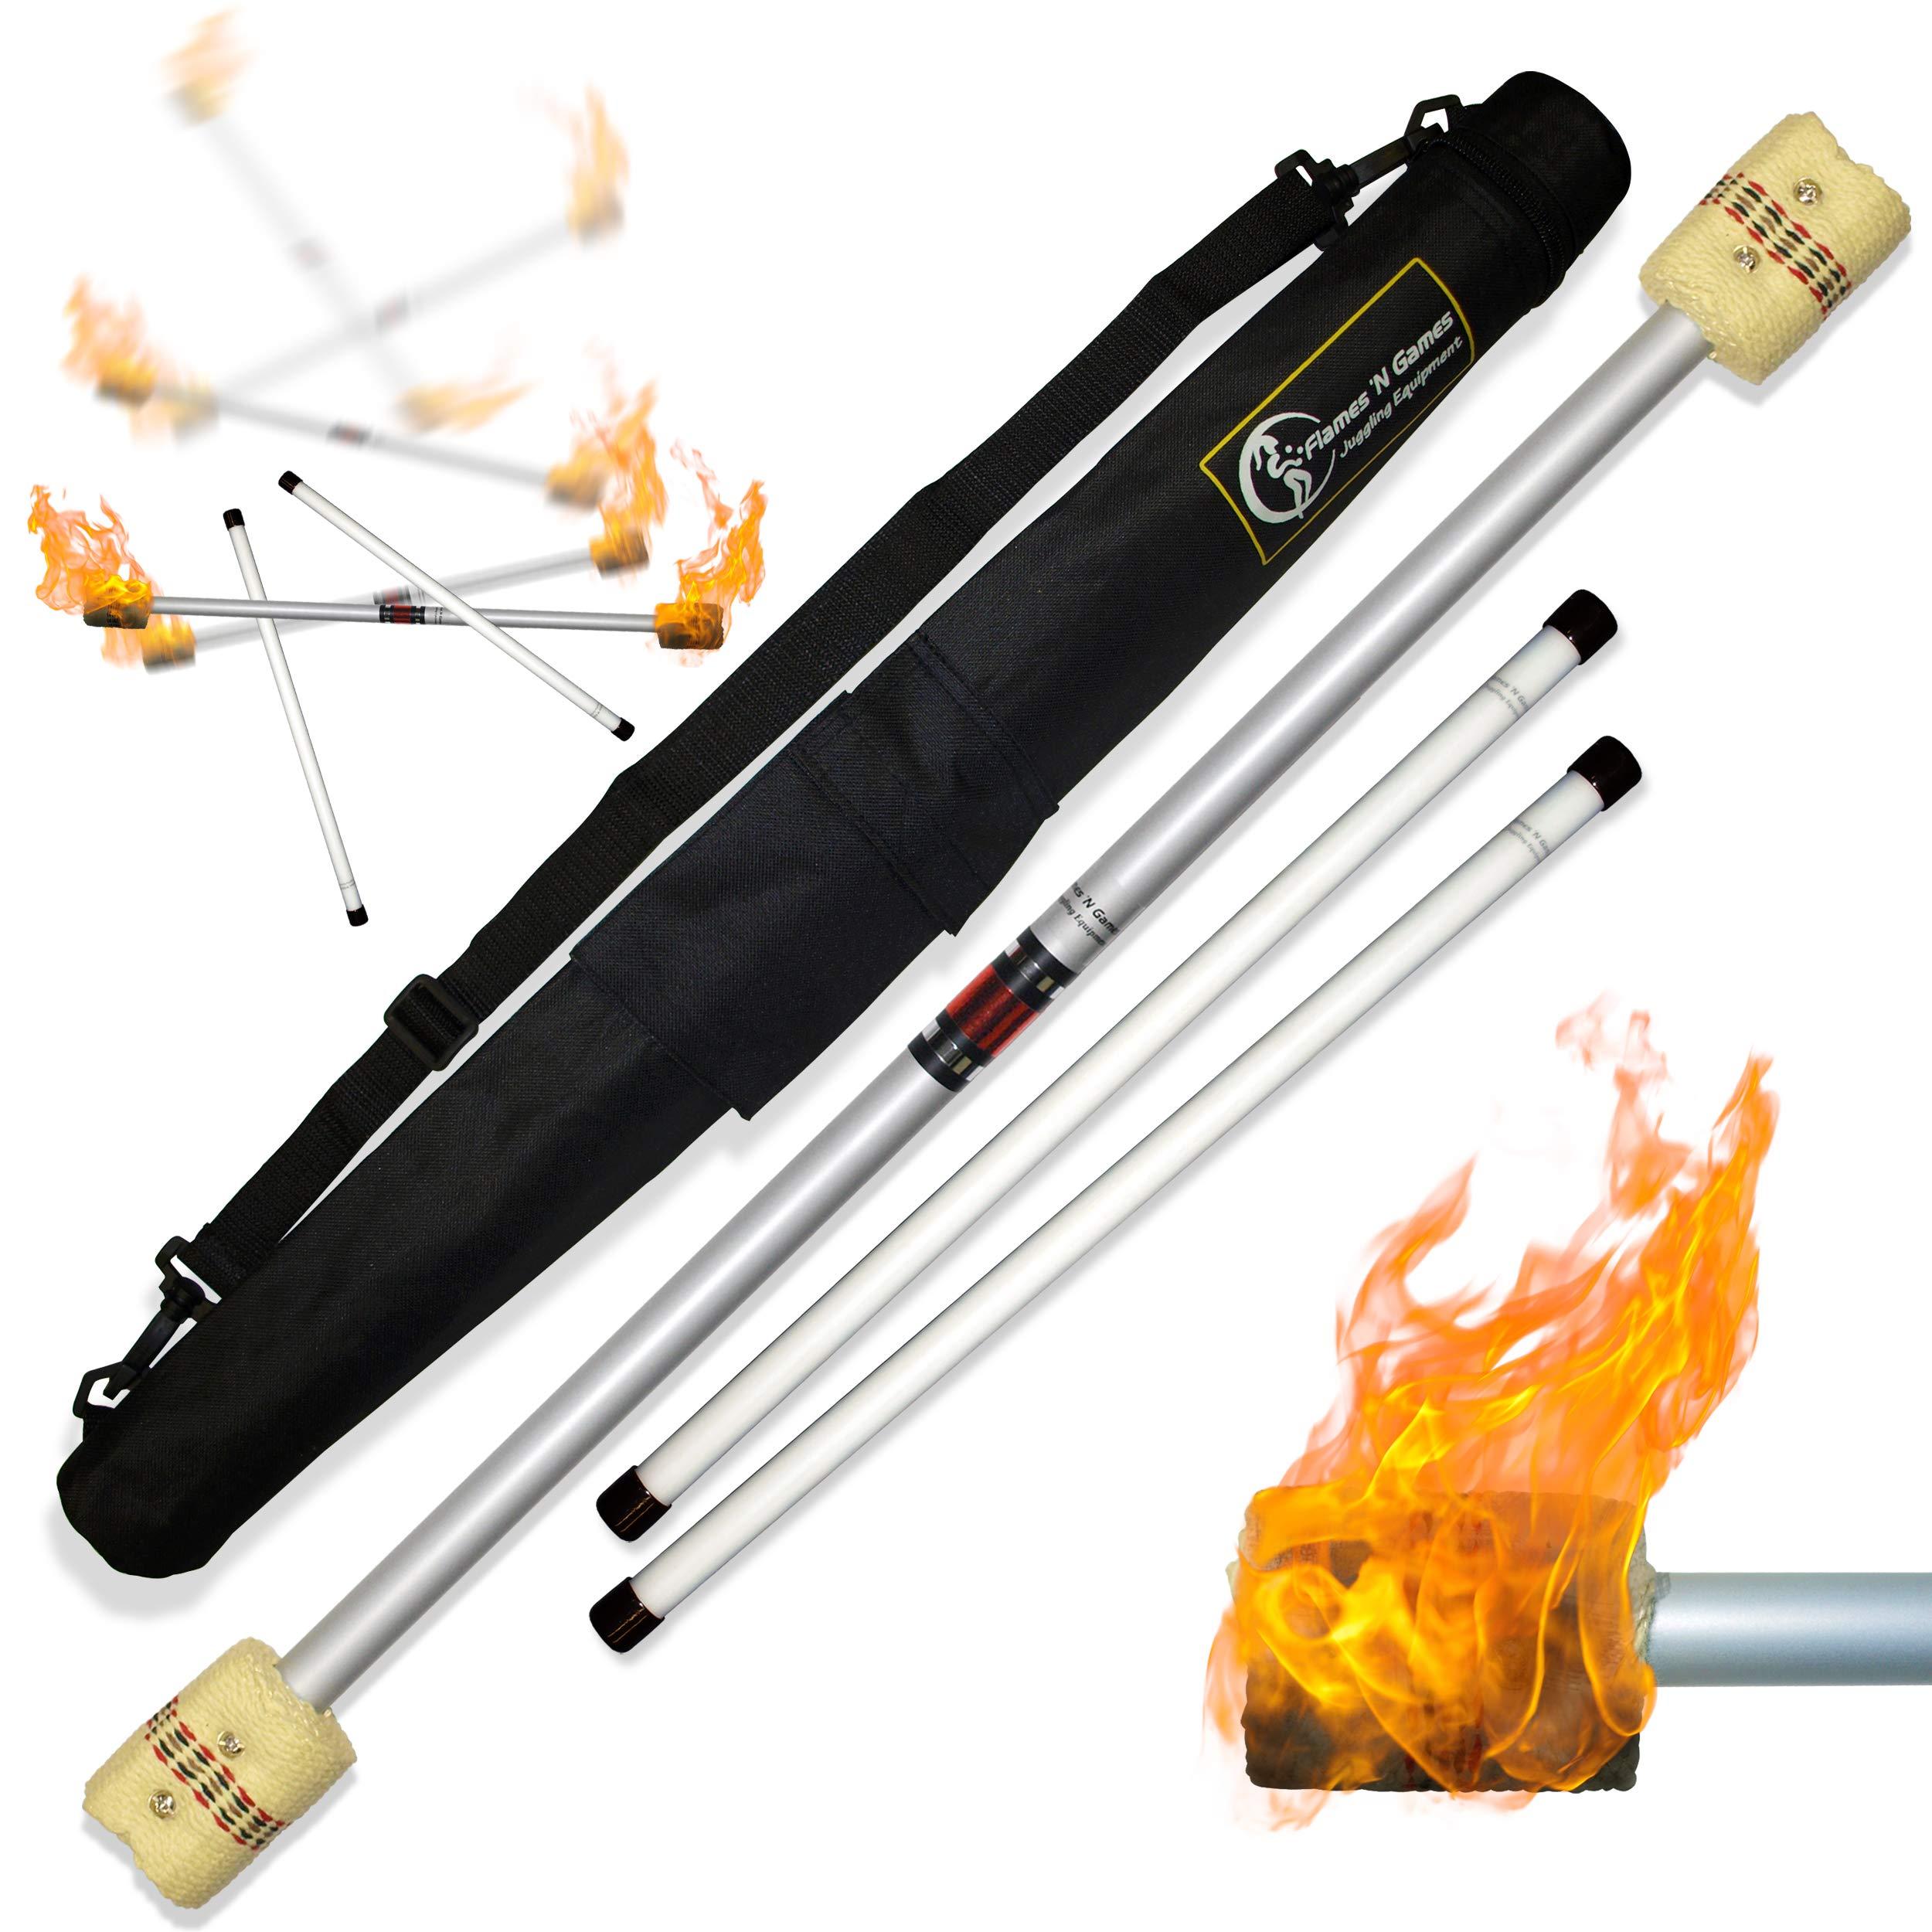 Flames N Games FIRE Devil Stick Set (65mm Wicks) WOODEN Sticks, and a Travel Bag! Juggling Devil sticks for Beginners & Pro's! by Flames N Games Fire Devil Sticks/Flower Sticks